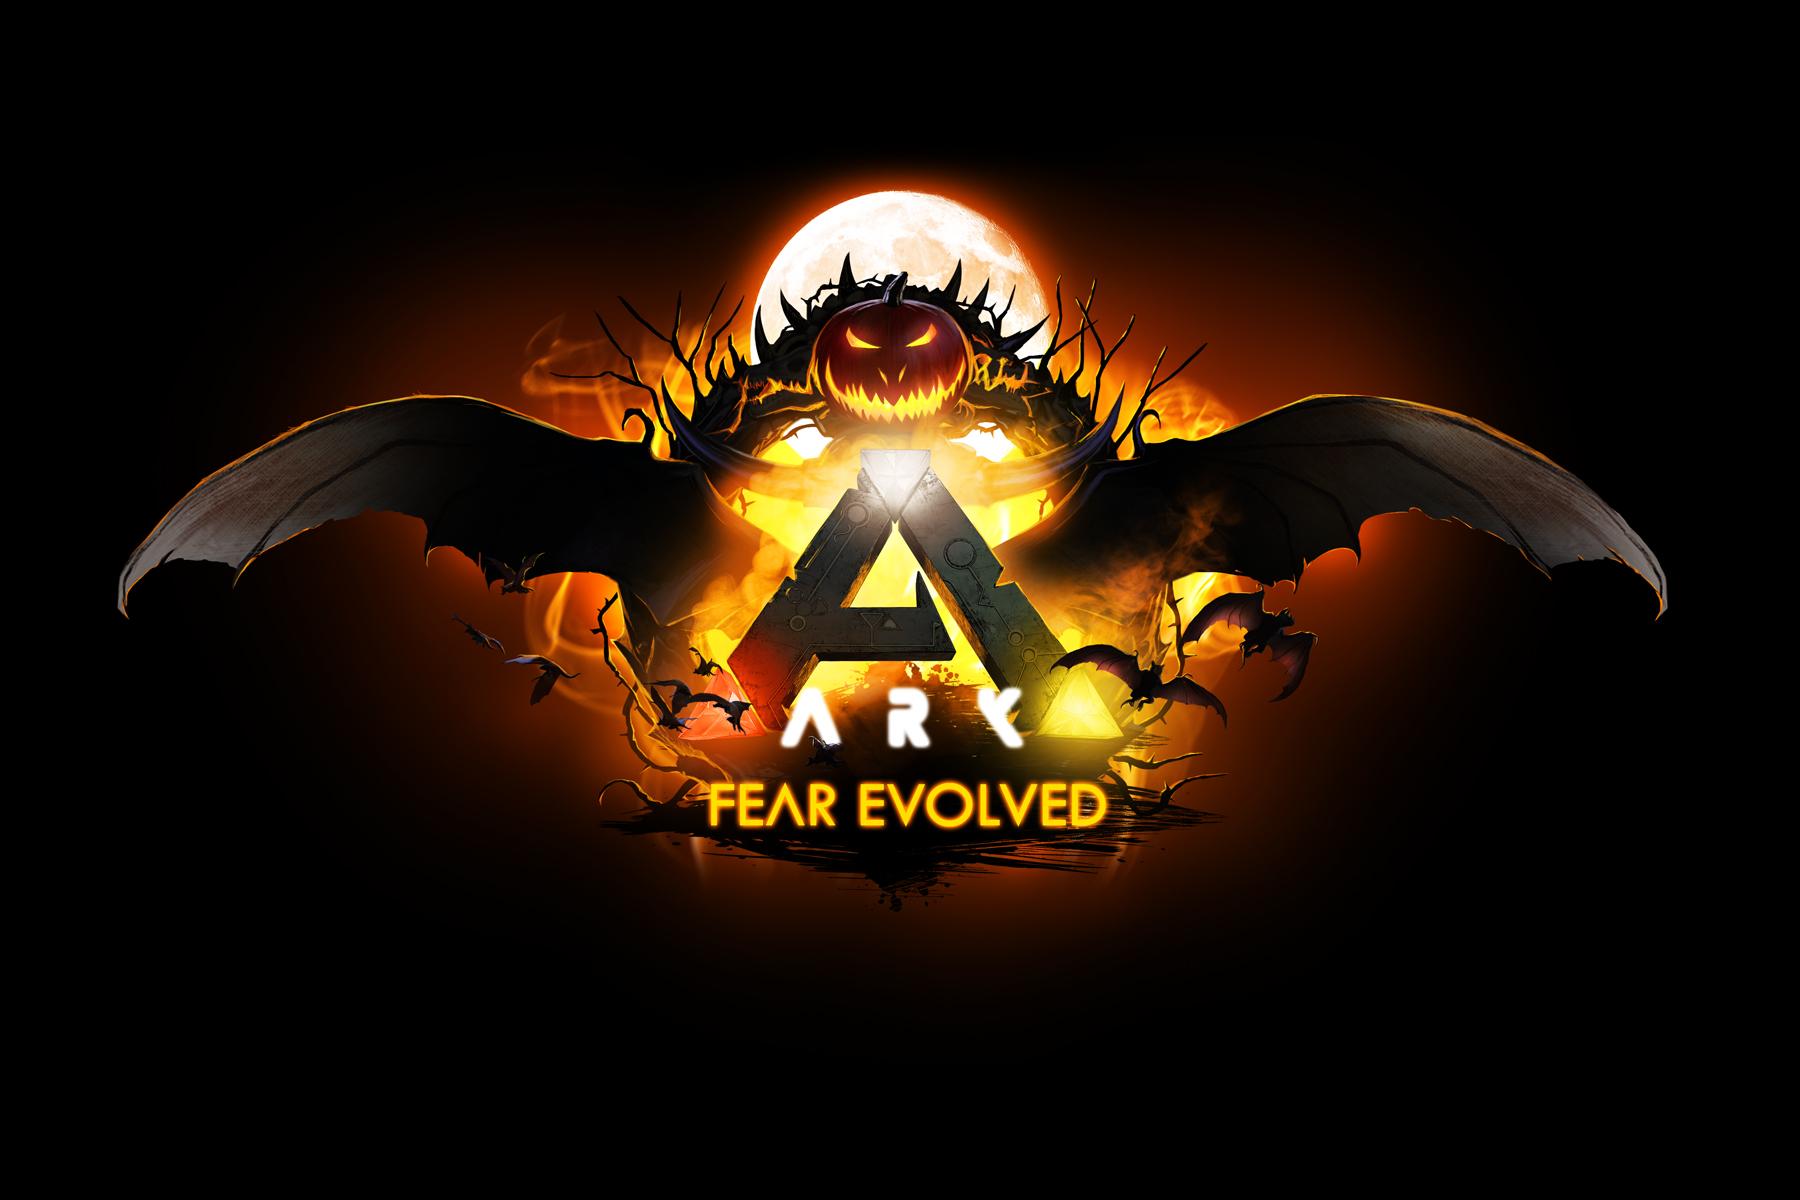 ARK: Spielerzahl steigt auf 2 Millionen, die können sich auf Halloween-Dodos freuen